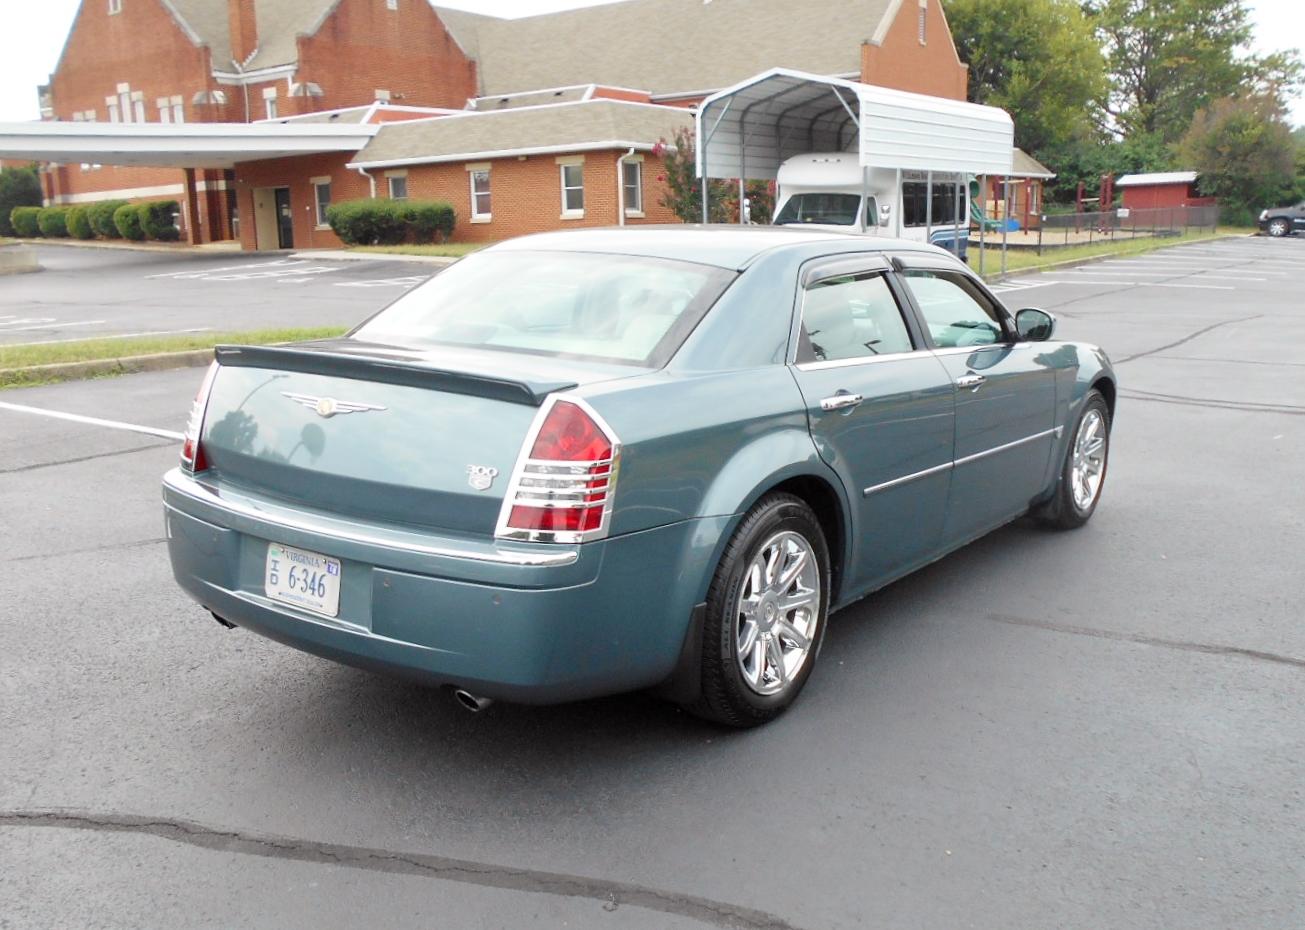 2005 Chrysler 300C Hemi 2005 Chrysler 300c Hemi 005  Automobile